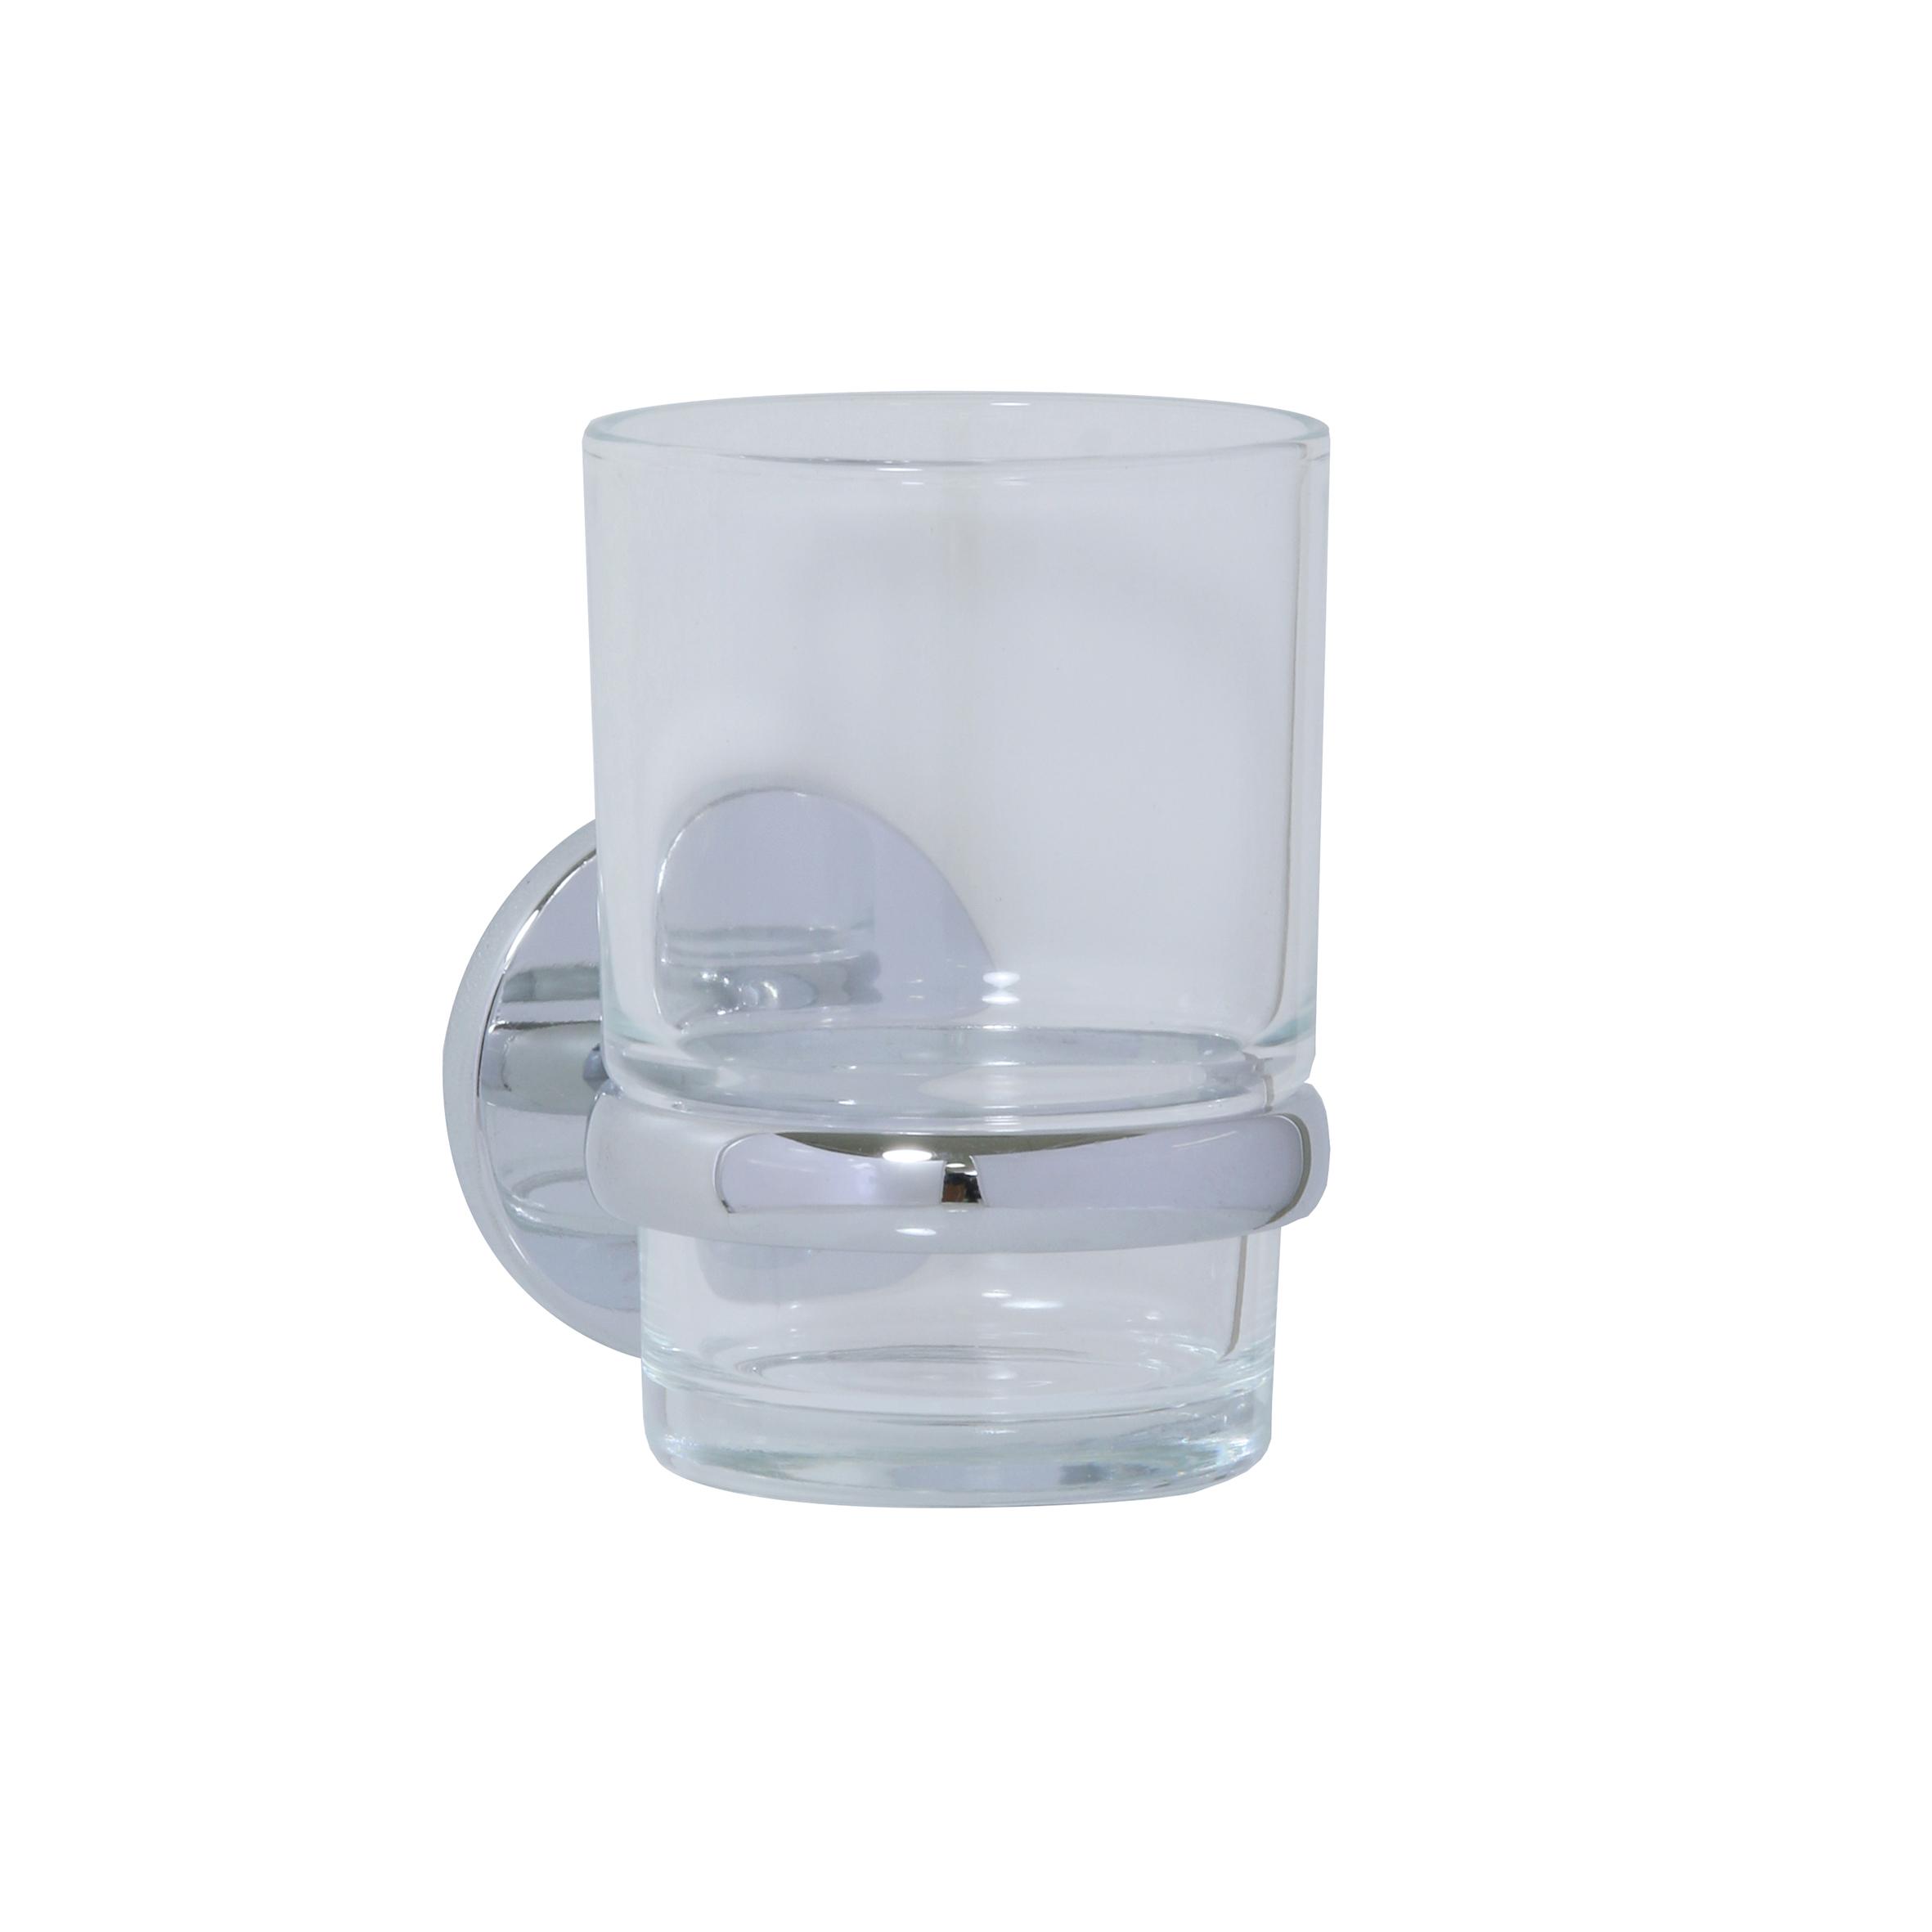 Стакан для ванной Axentia Capri, настенный, цвет: хром, белый122438Стакан для ванной настенный, скрытое крепление на шурупах, в комплекте. Изготовлена из матового стекла и стали с качественным хромированным покрытием, которое на долго защитит изделие от ржавчины в условиях высокой влажности в ванной комнате. Отлично сочетается с другими аксессуарами из коллекции Capri.